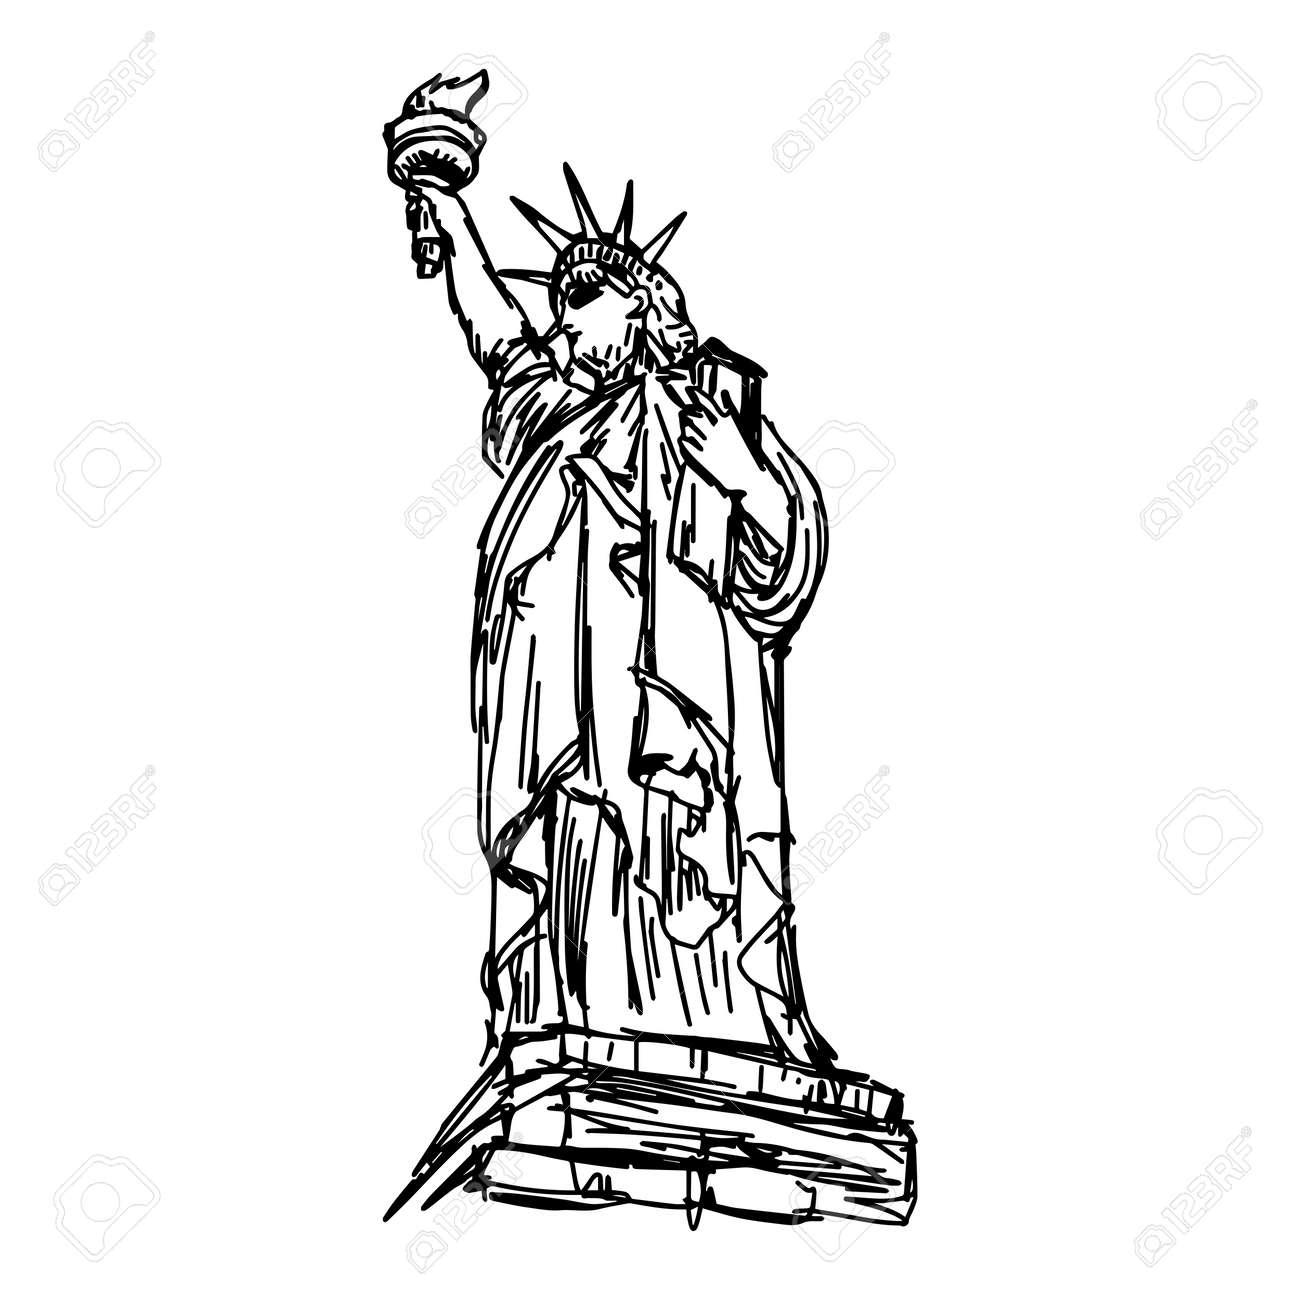 ベクトル イラスト 自由の女神像をスケッチ白い背景で隔離の黒い線で